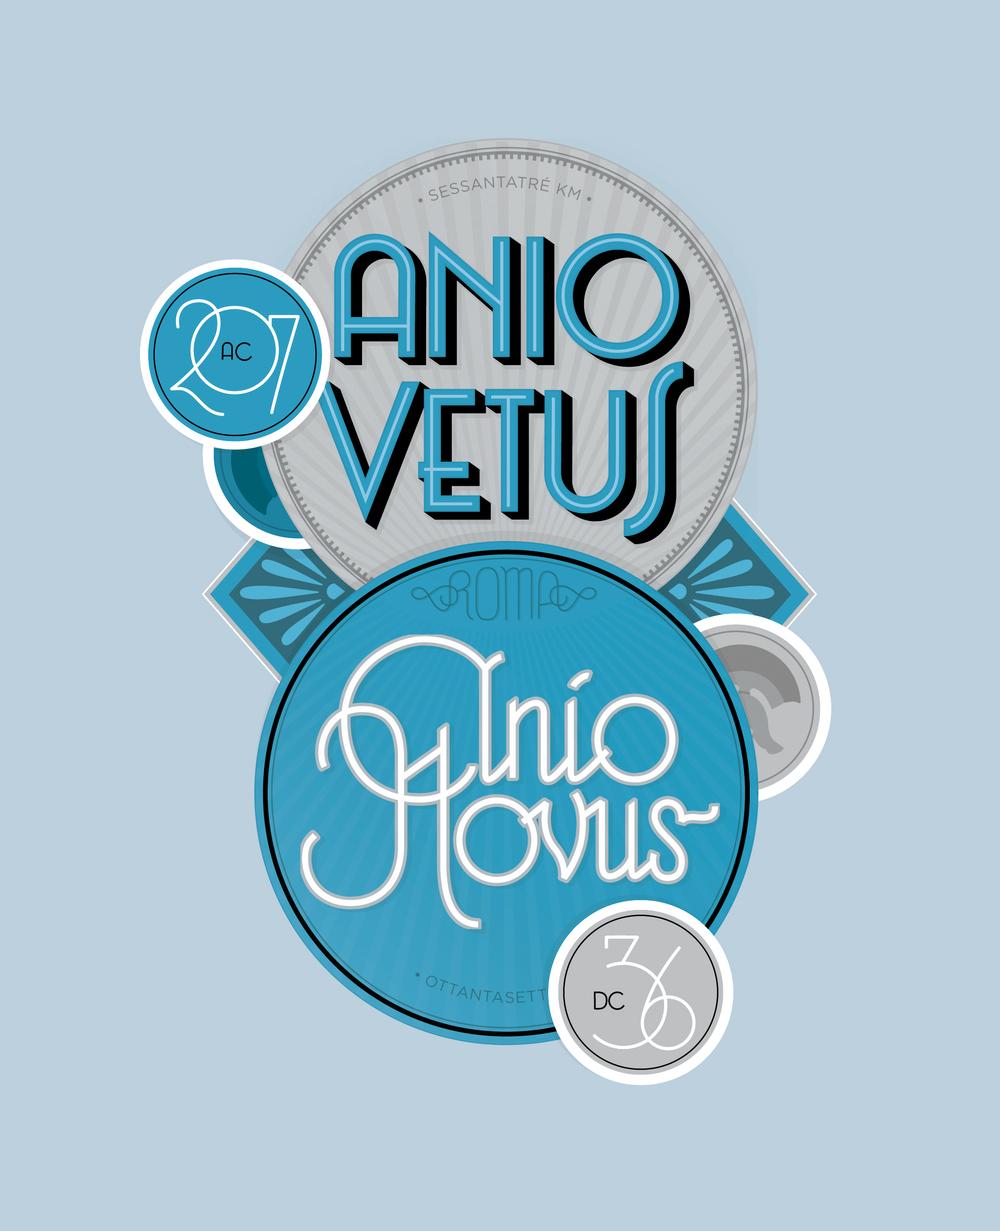 Anio Vetus.jpg